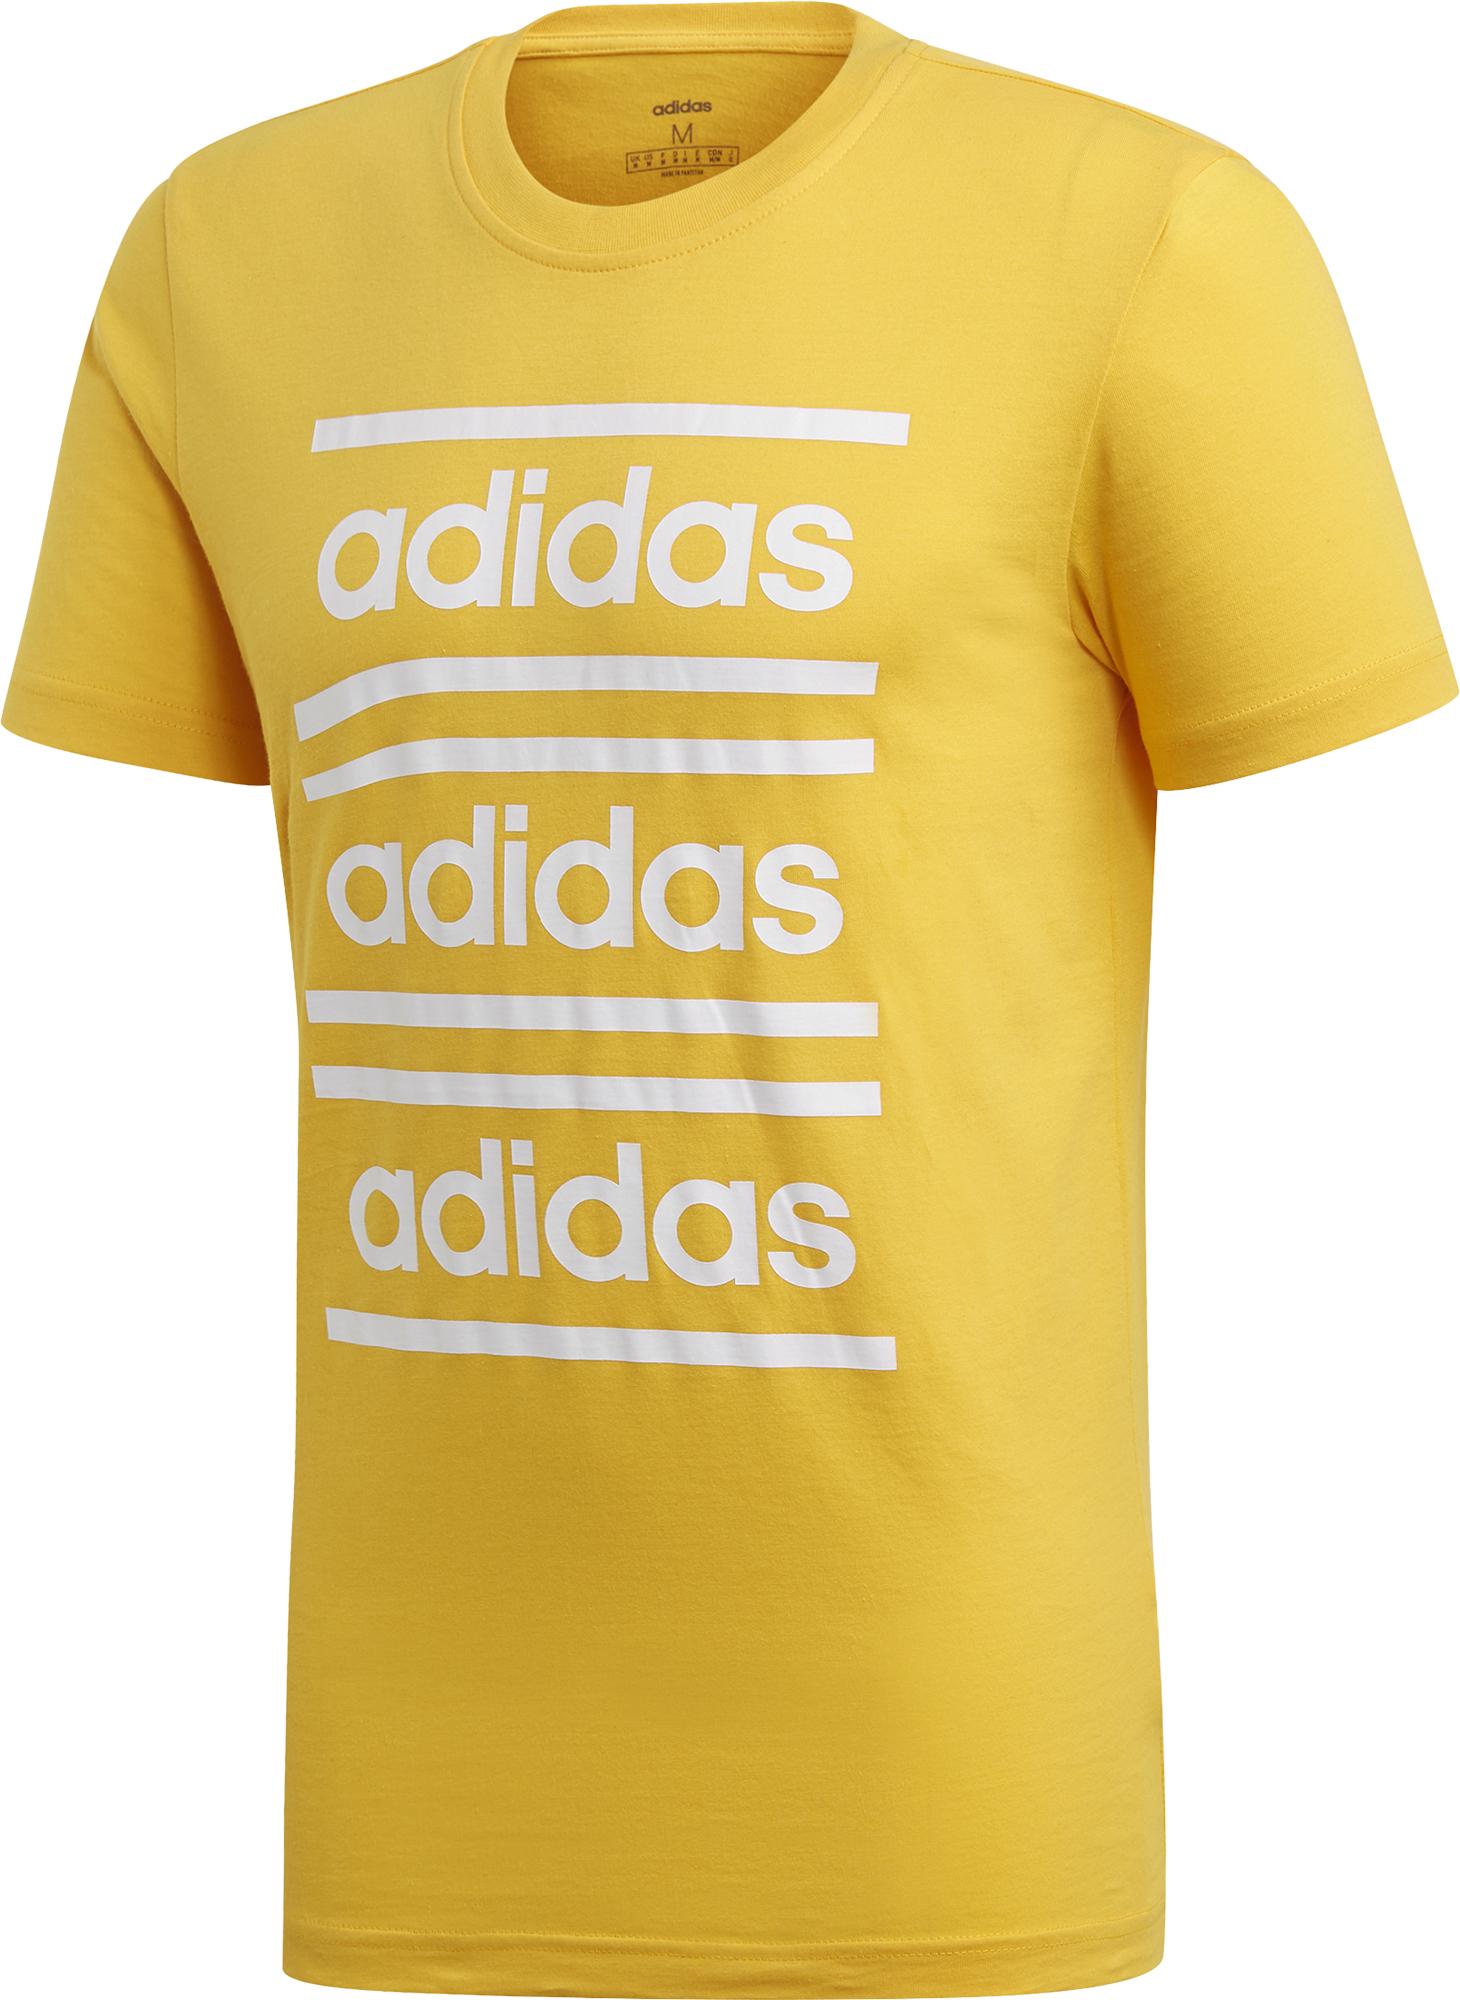 лучшая цена Adidas Футболка мужская Adidas Celebrate the 90s, размер L